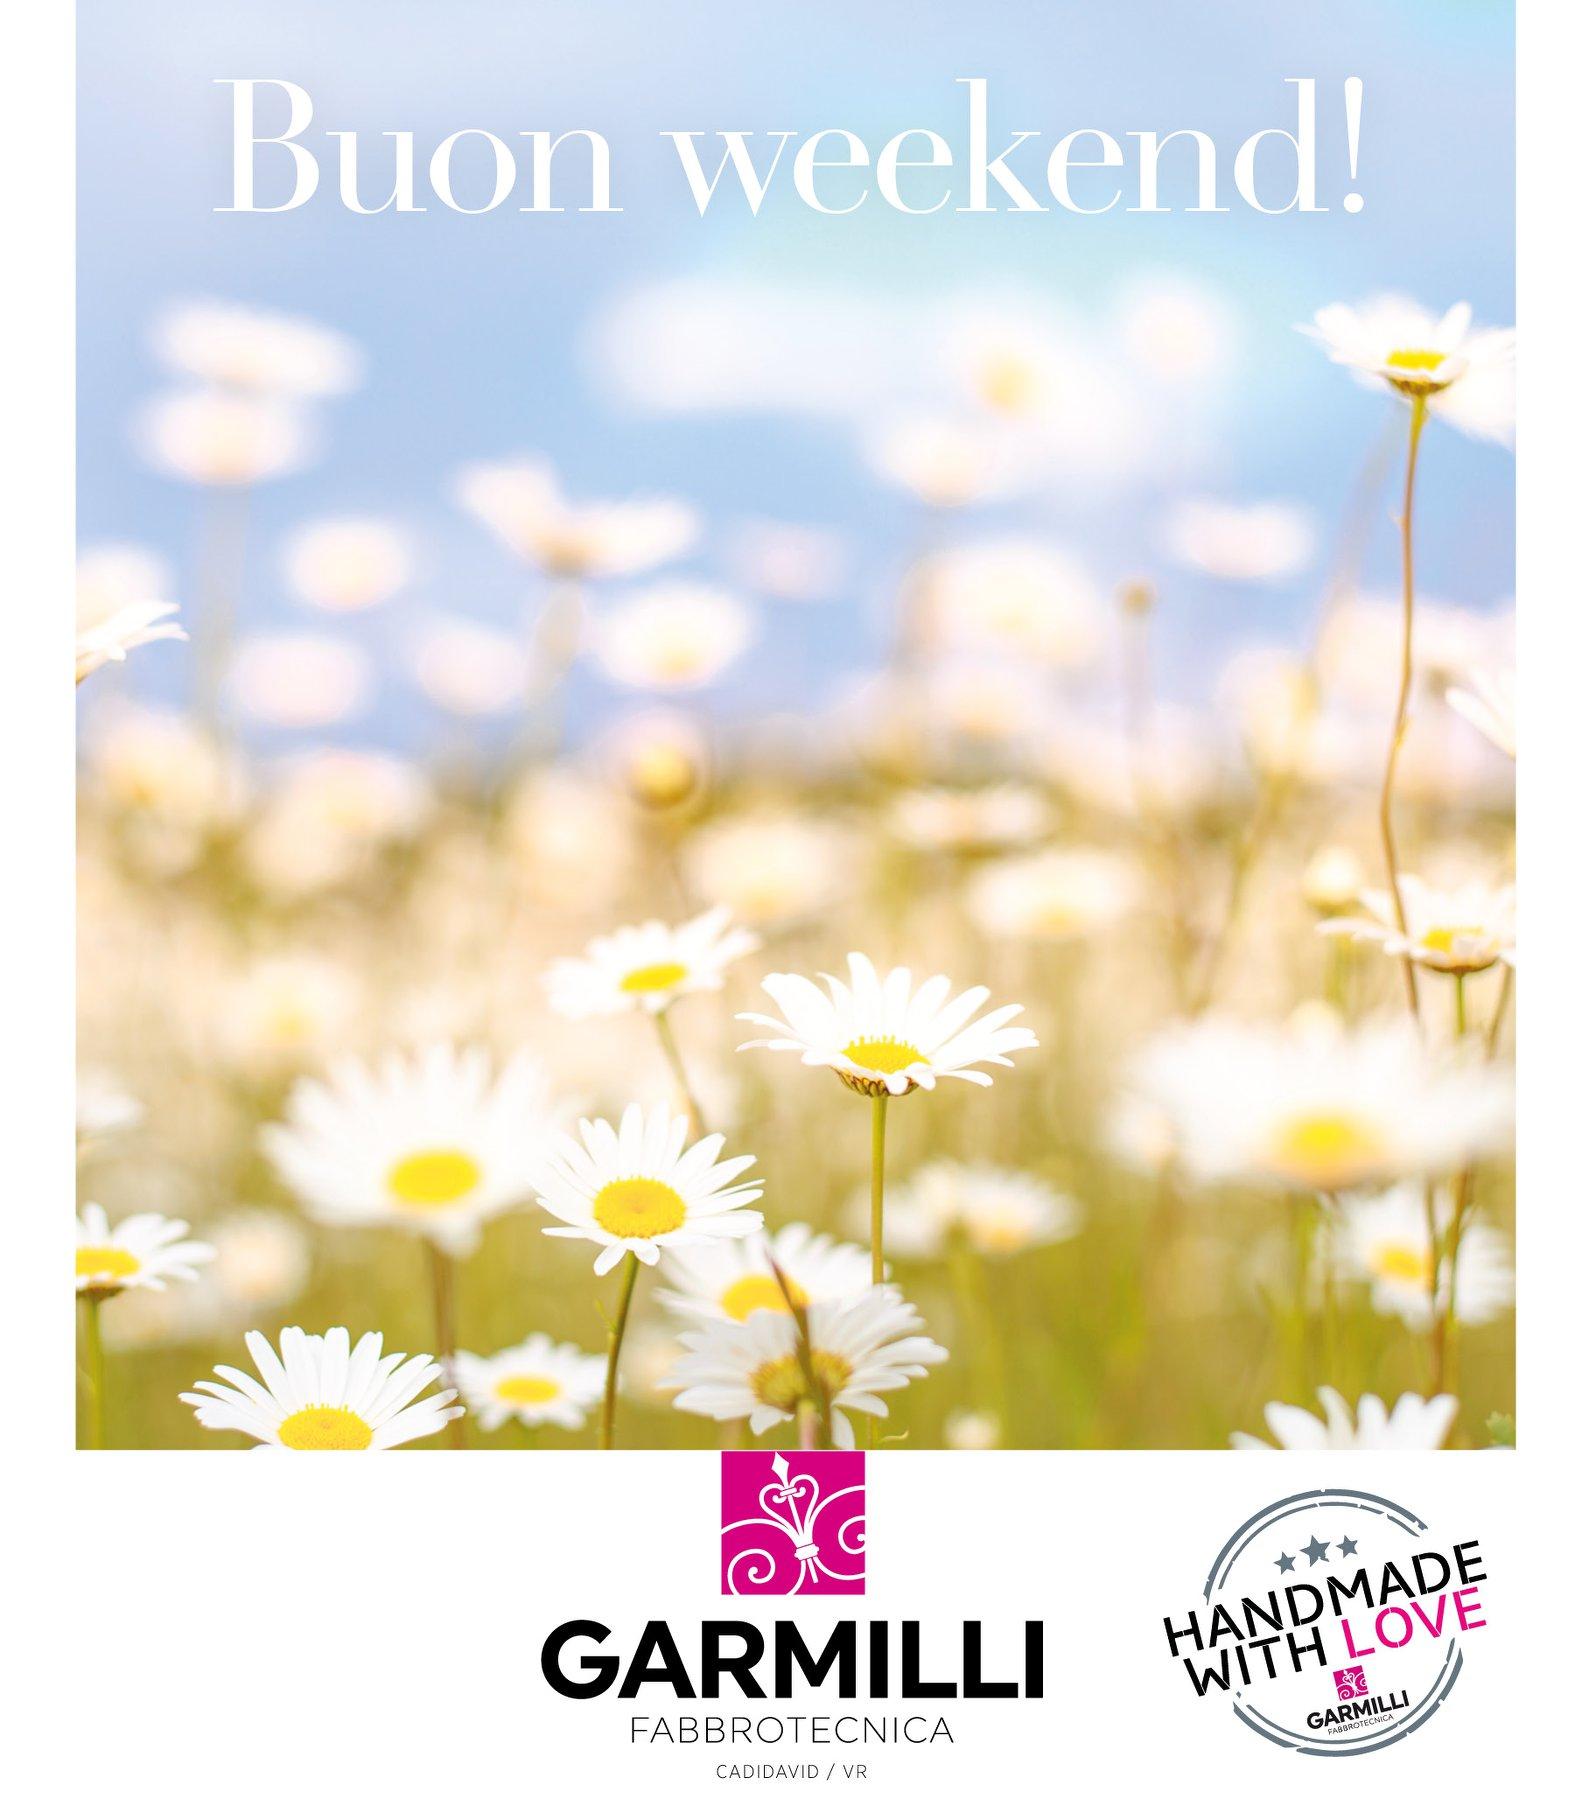 Un Augurio Di Un Caldo E Piacevole Weekend... Pieno Di.xxohc9f73f00ac337e9153718d05139ab6f5oe5ec40994.jpeg